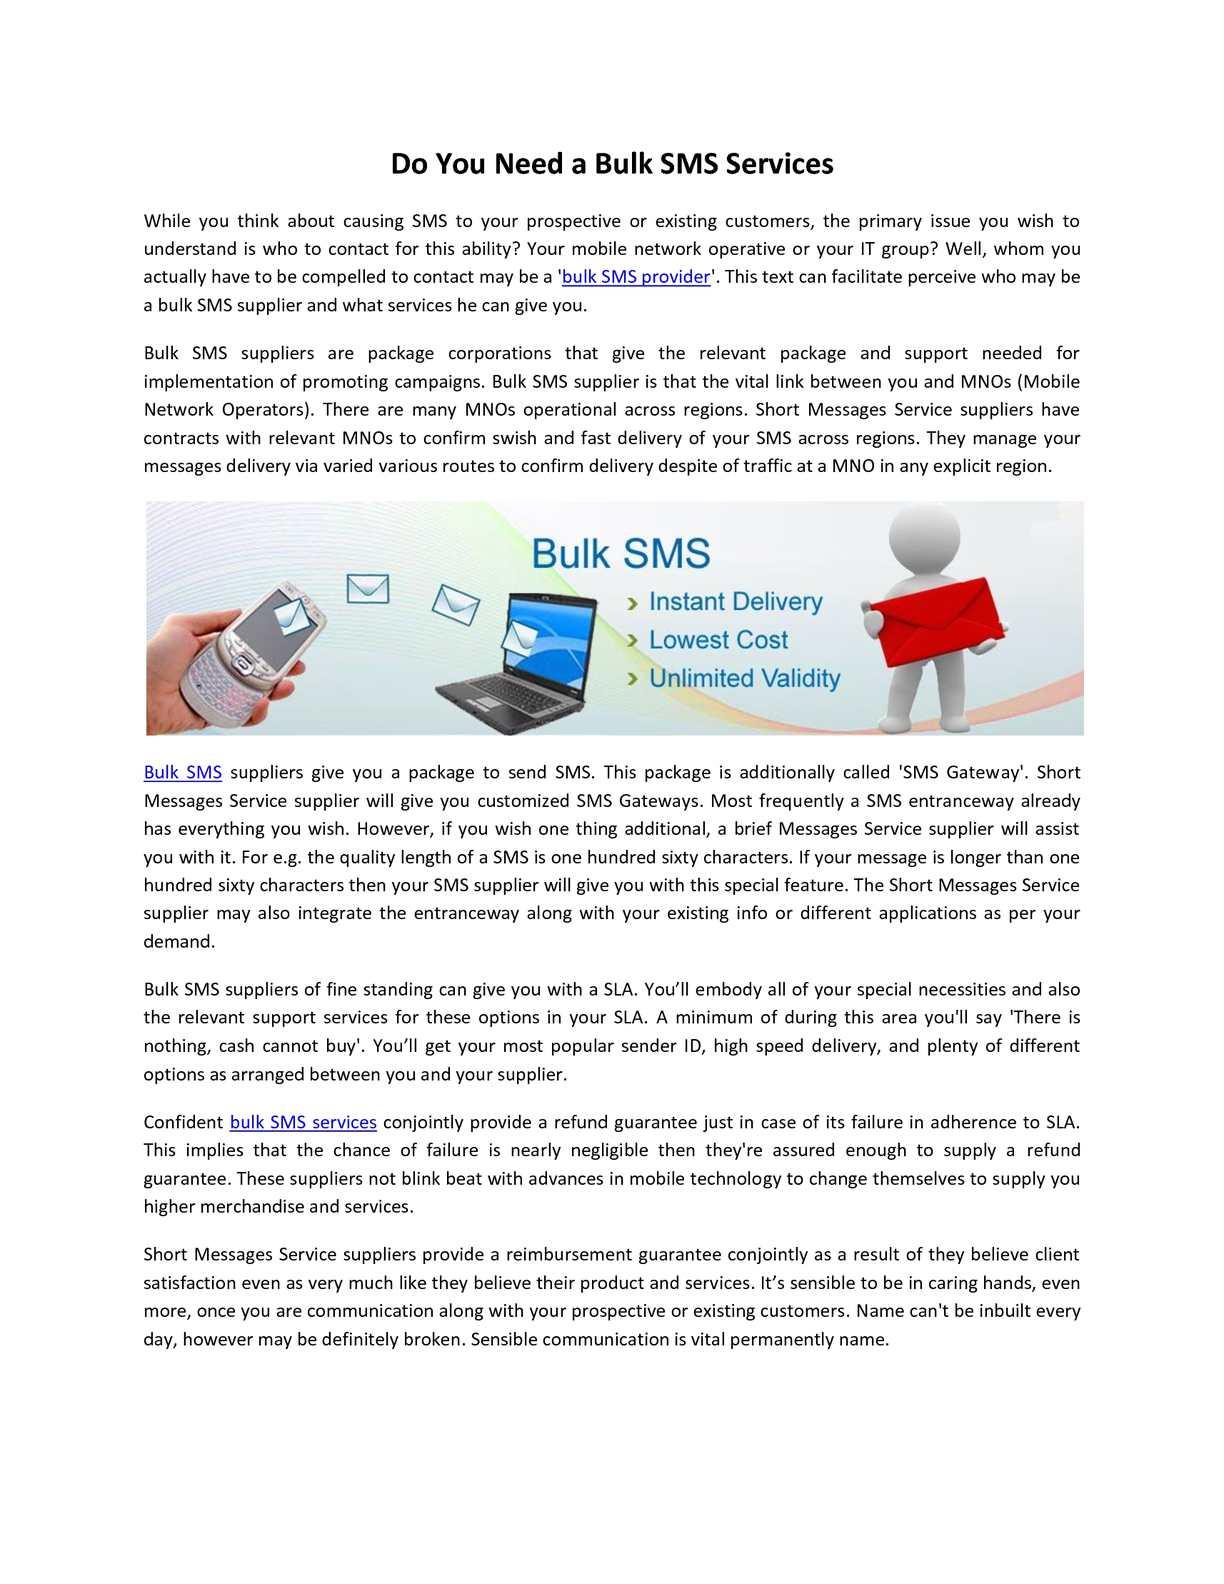 Calaméo - Do You Need a Bulk SMS Services